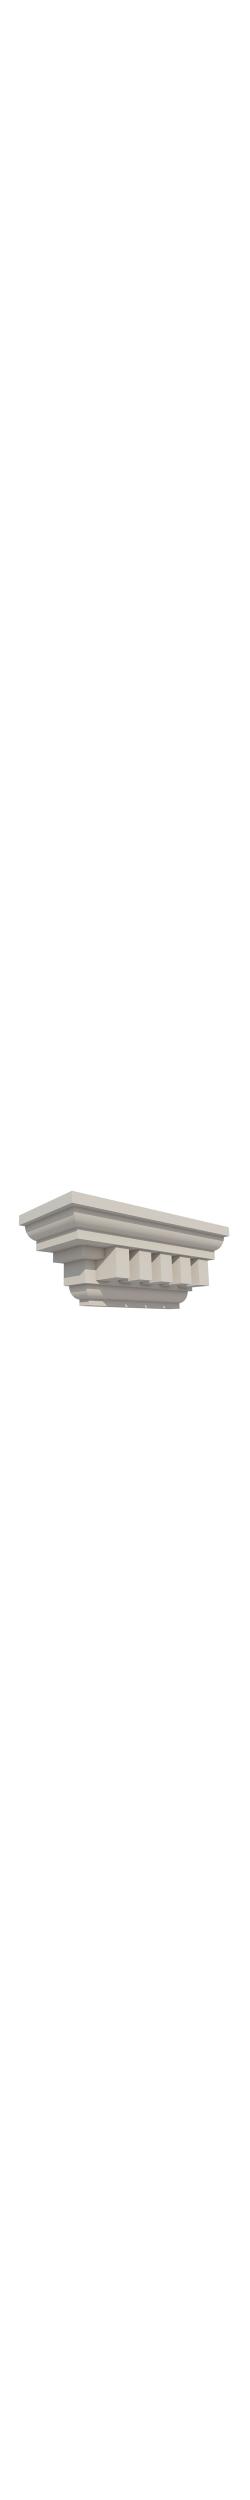 Архитектурный элемент